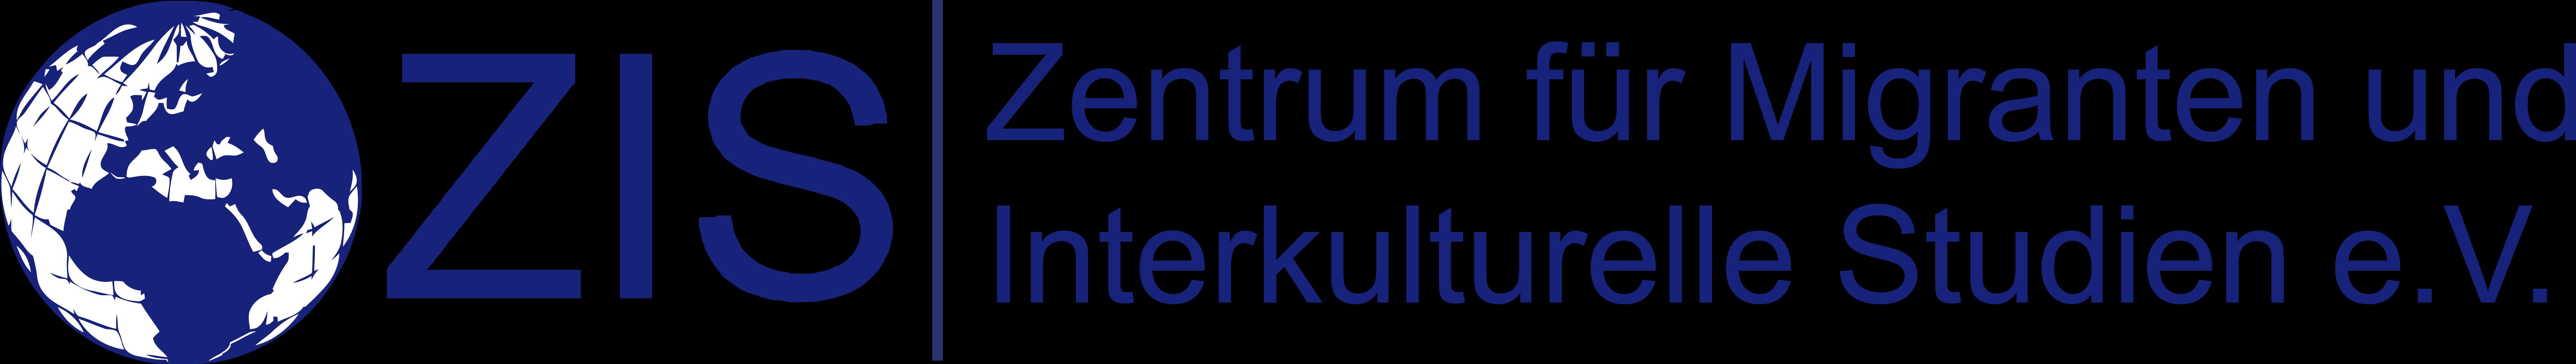 ZIS – Zentrum für Migranten und Interkulturelle Studien e.V.